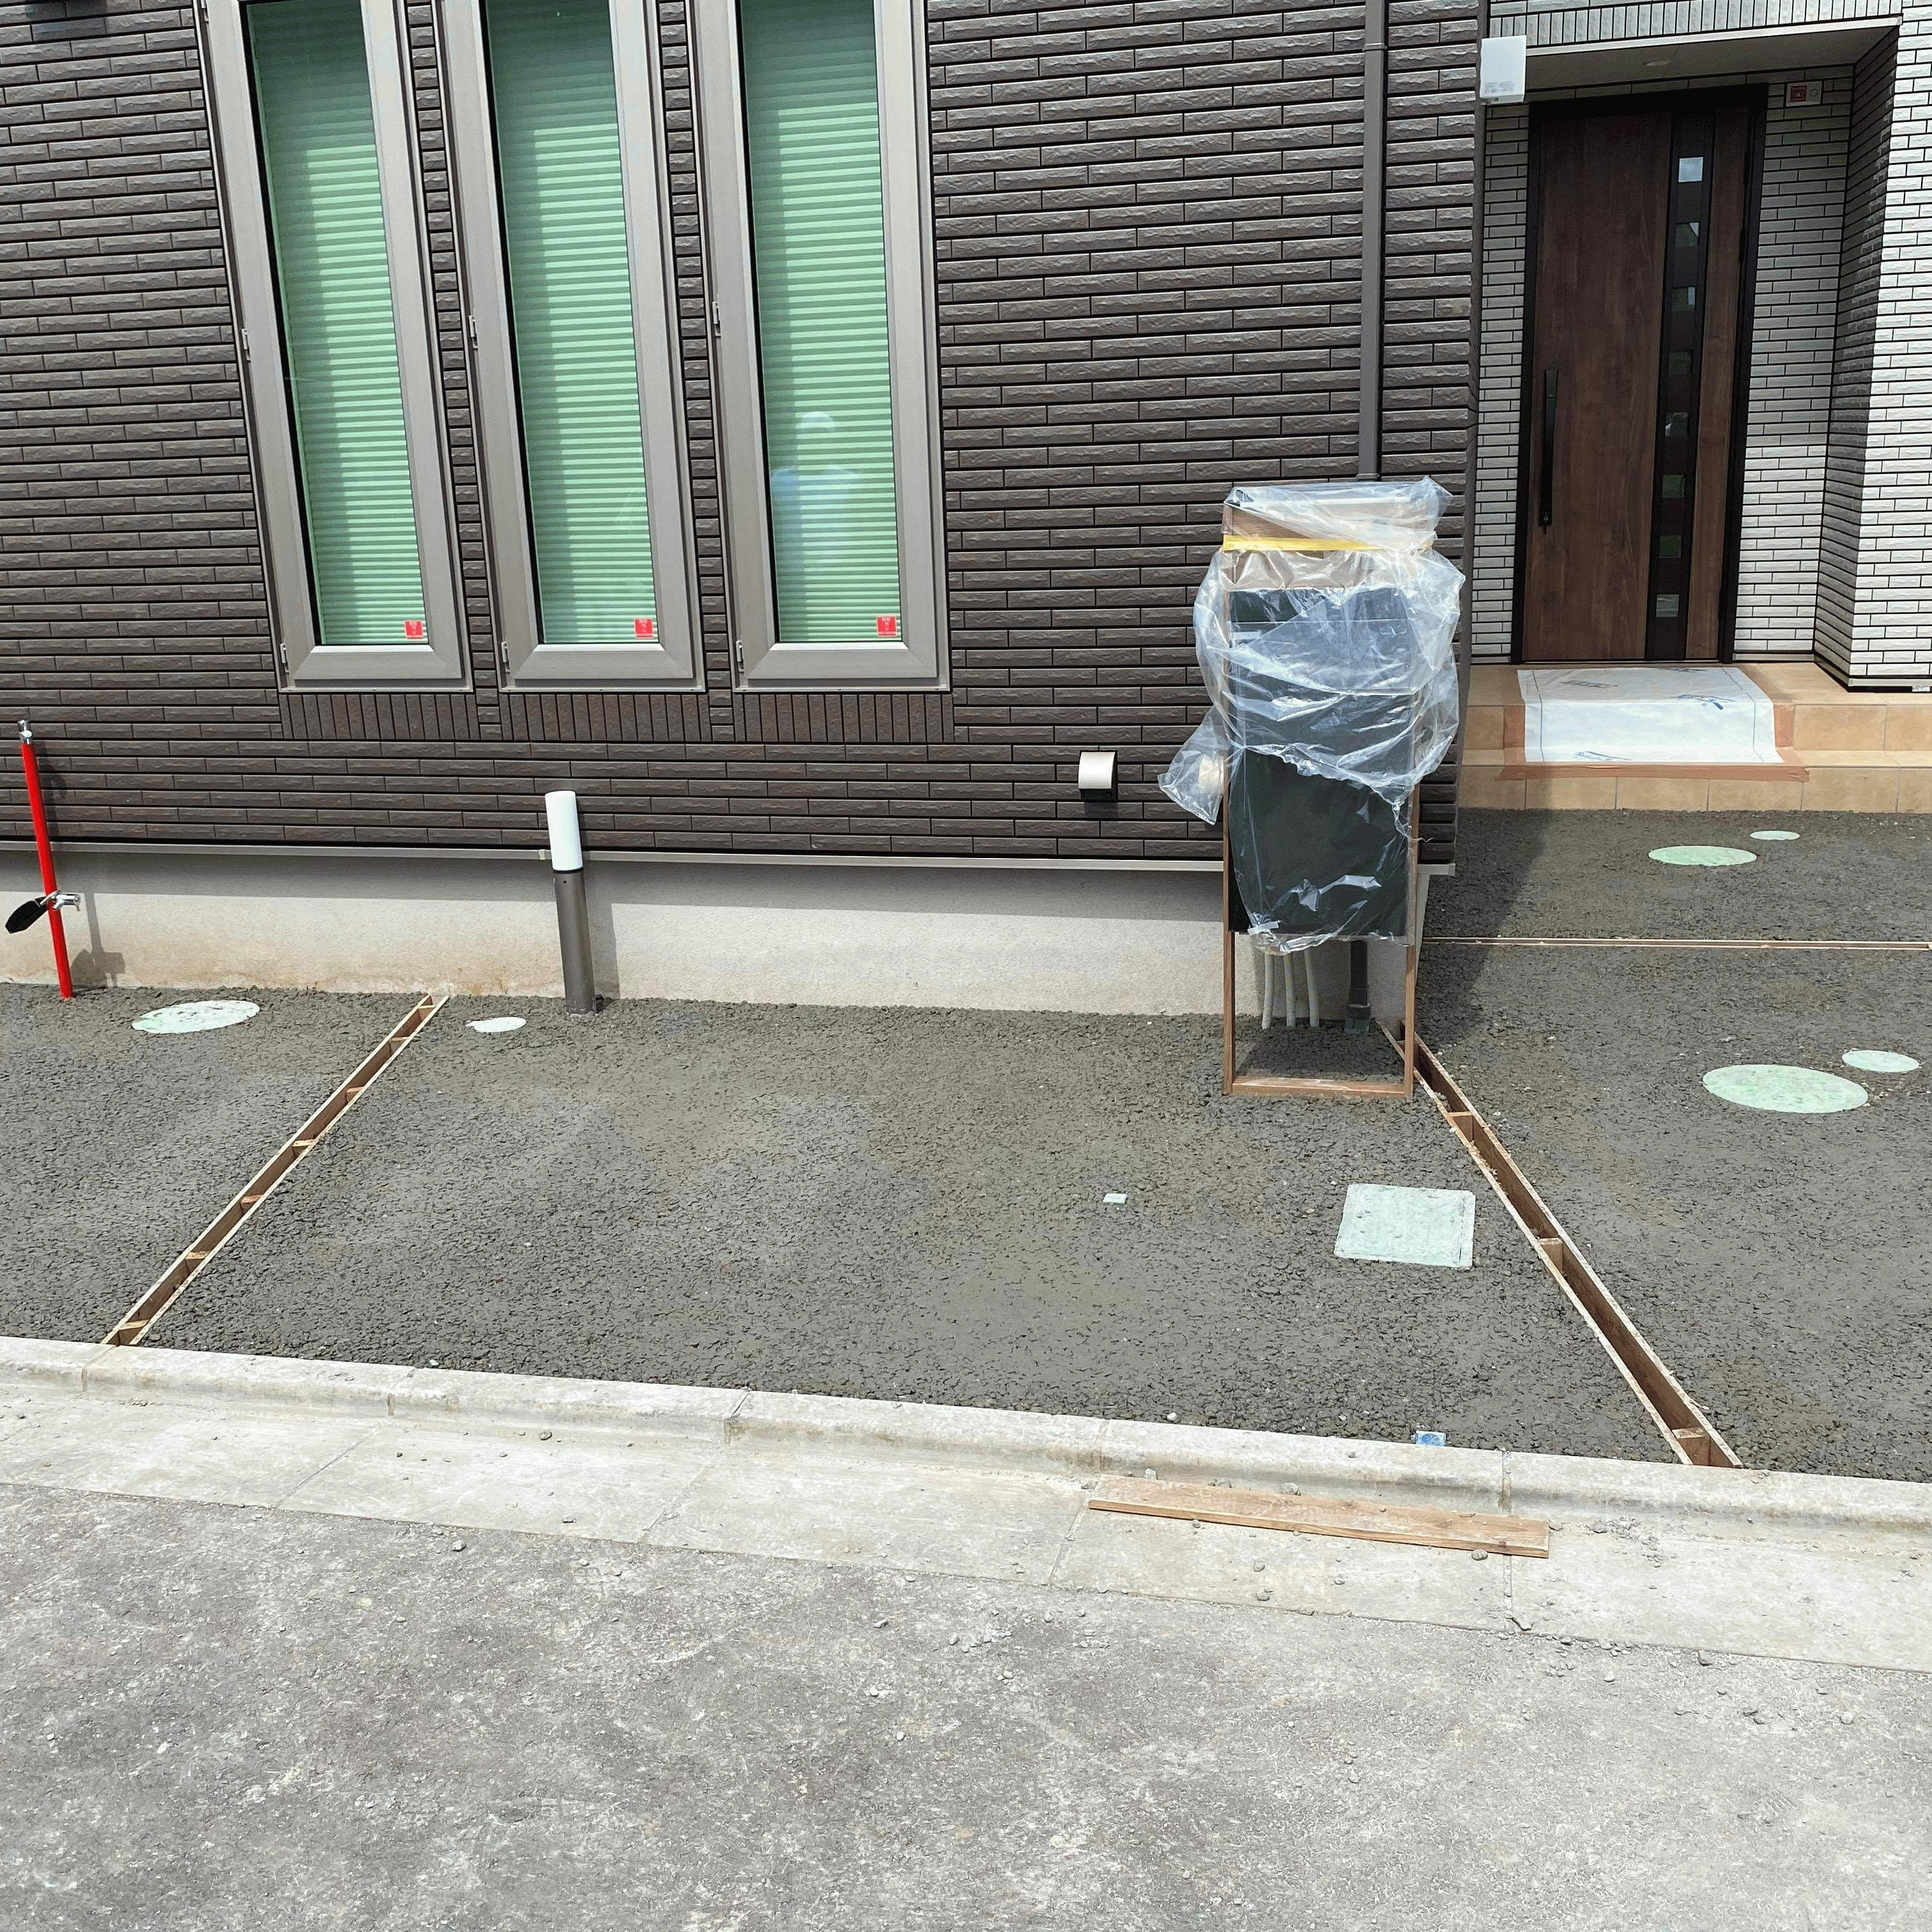 【千葉】「図面に書いてある《土間コン》ですが、透水性コンクリートに変更可能ですか?」サンクス・小林建材